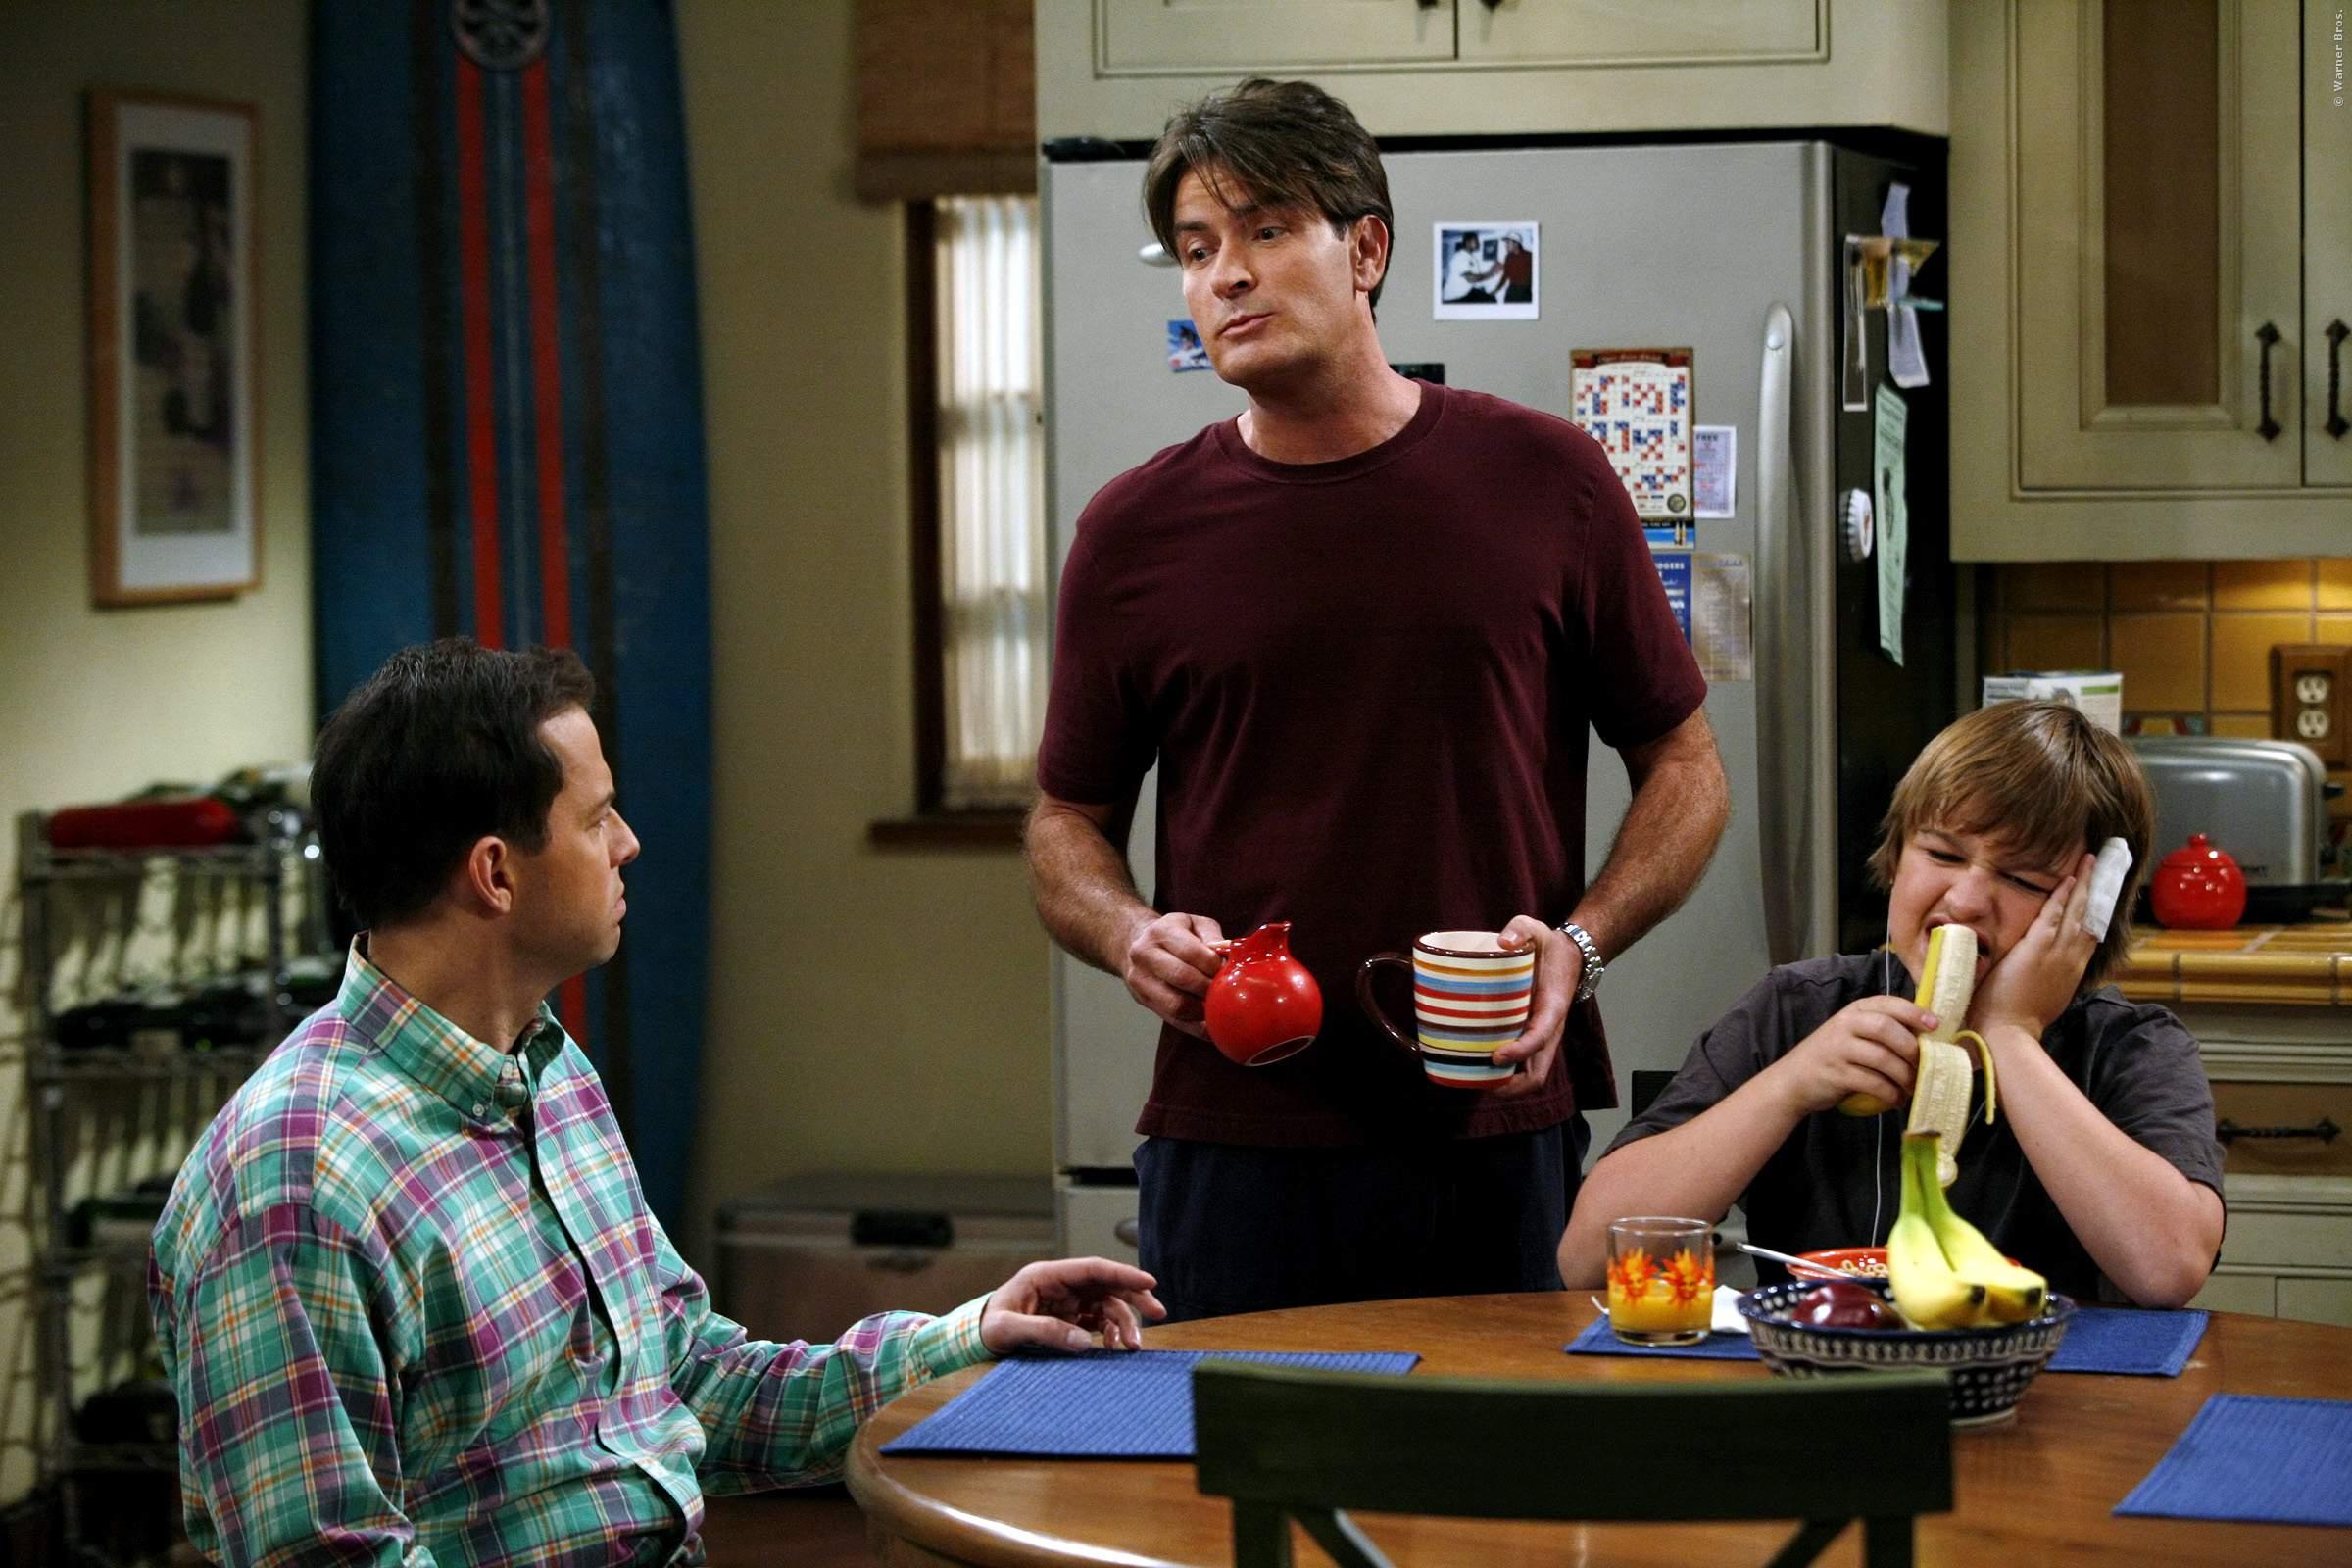 Charlie Sheen hasst Ashton Kutcher! In seinen Augen hat der Star aus Jobs ihm die Rolle in der TV-Serie Two And A Half Men geklaut!